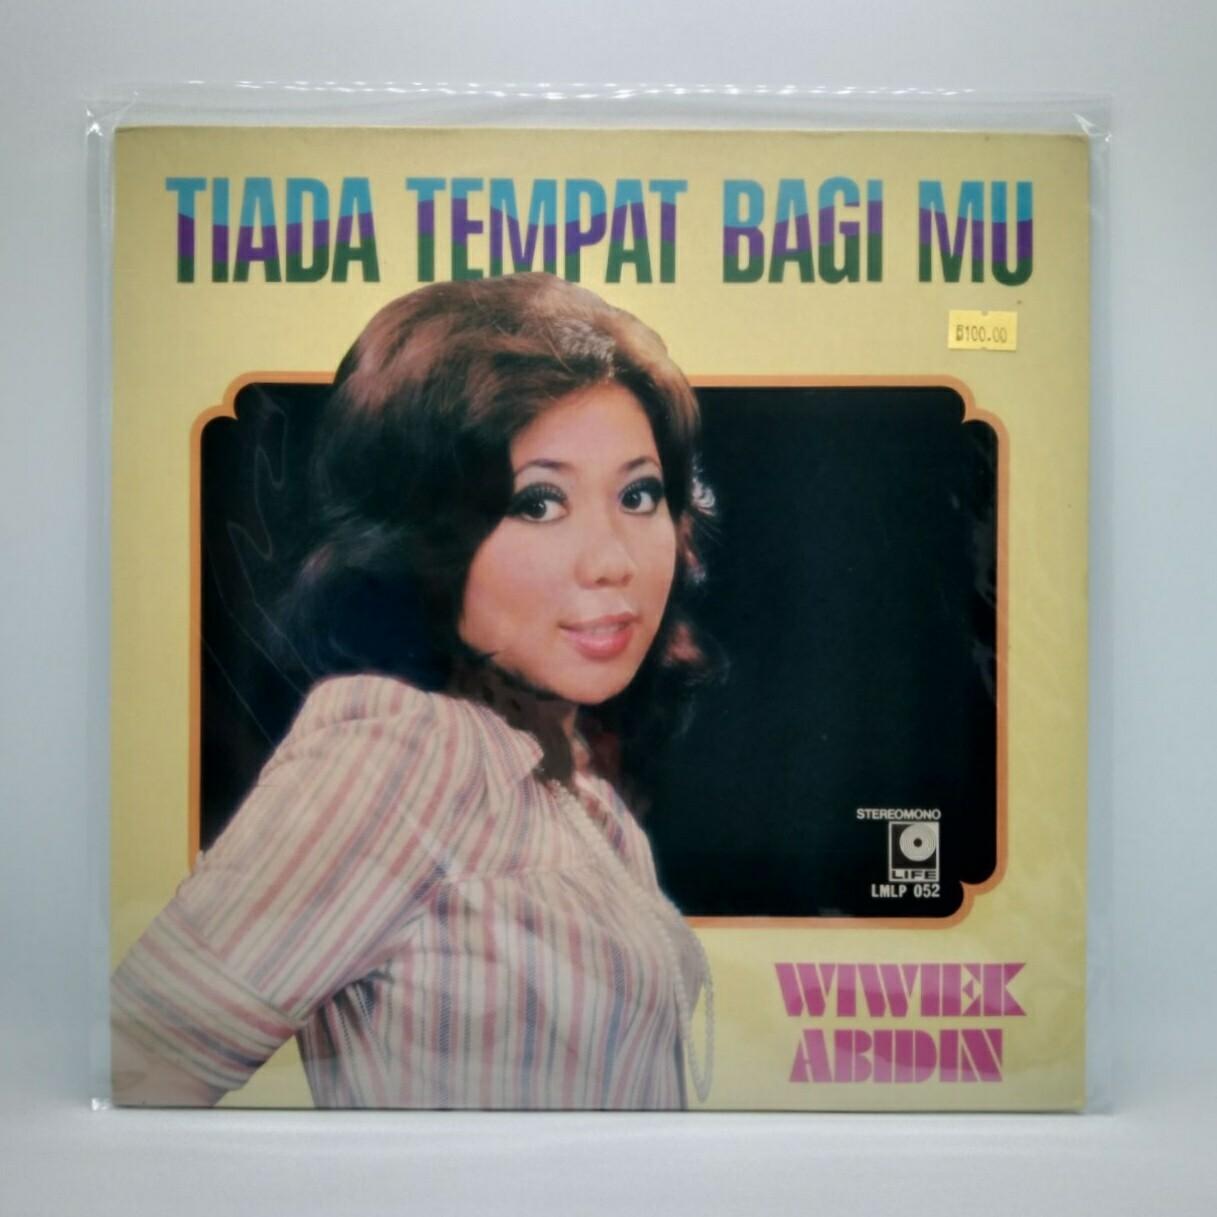 [USED] WIWIEK ABIDIN -TIADA TEMPAT BAGIMU- LP